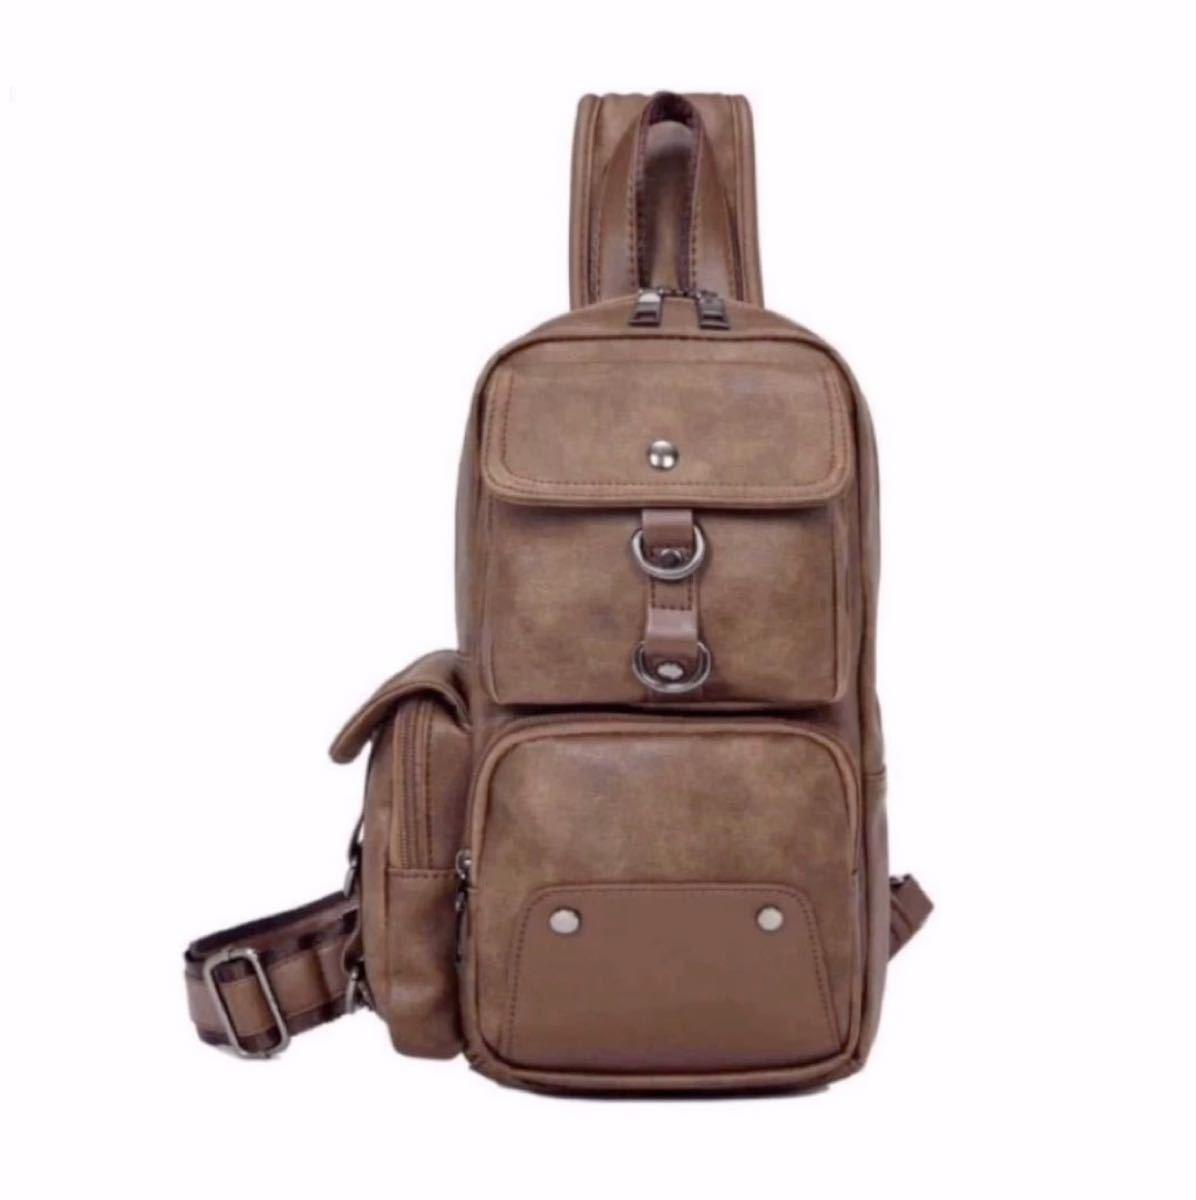 ボディバッグ メンズバッグ 斜め掛けバッグ 高品質 大容量 ボディバッグ 多機能 ブラウン